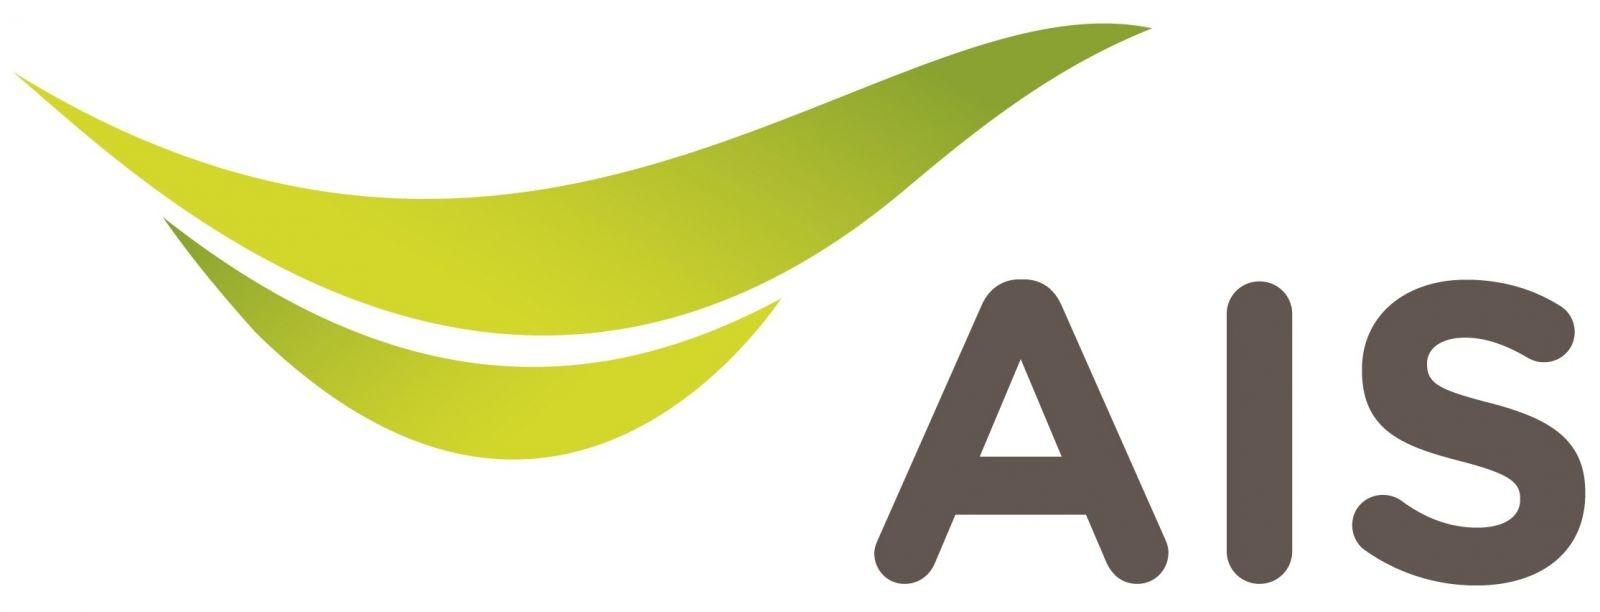 บริษัทชั้นนำที่มีสวัสดิการสำหรับสายรักสุขภาพ_AIS - บริษัท แอดวานซ์ อินโฟร์ เซอร์วิส จำกัด (มหาชน)